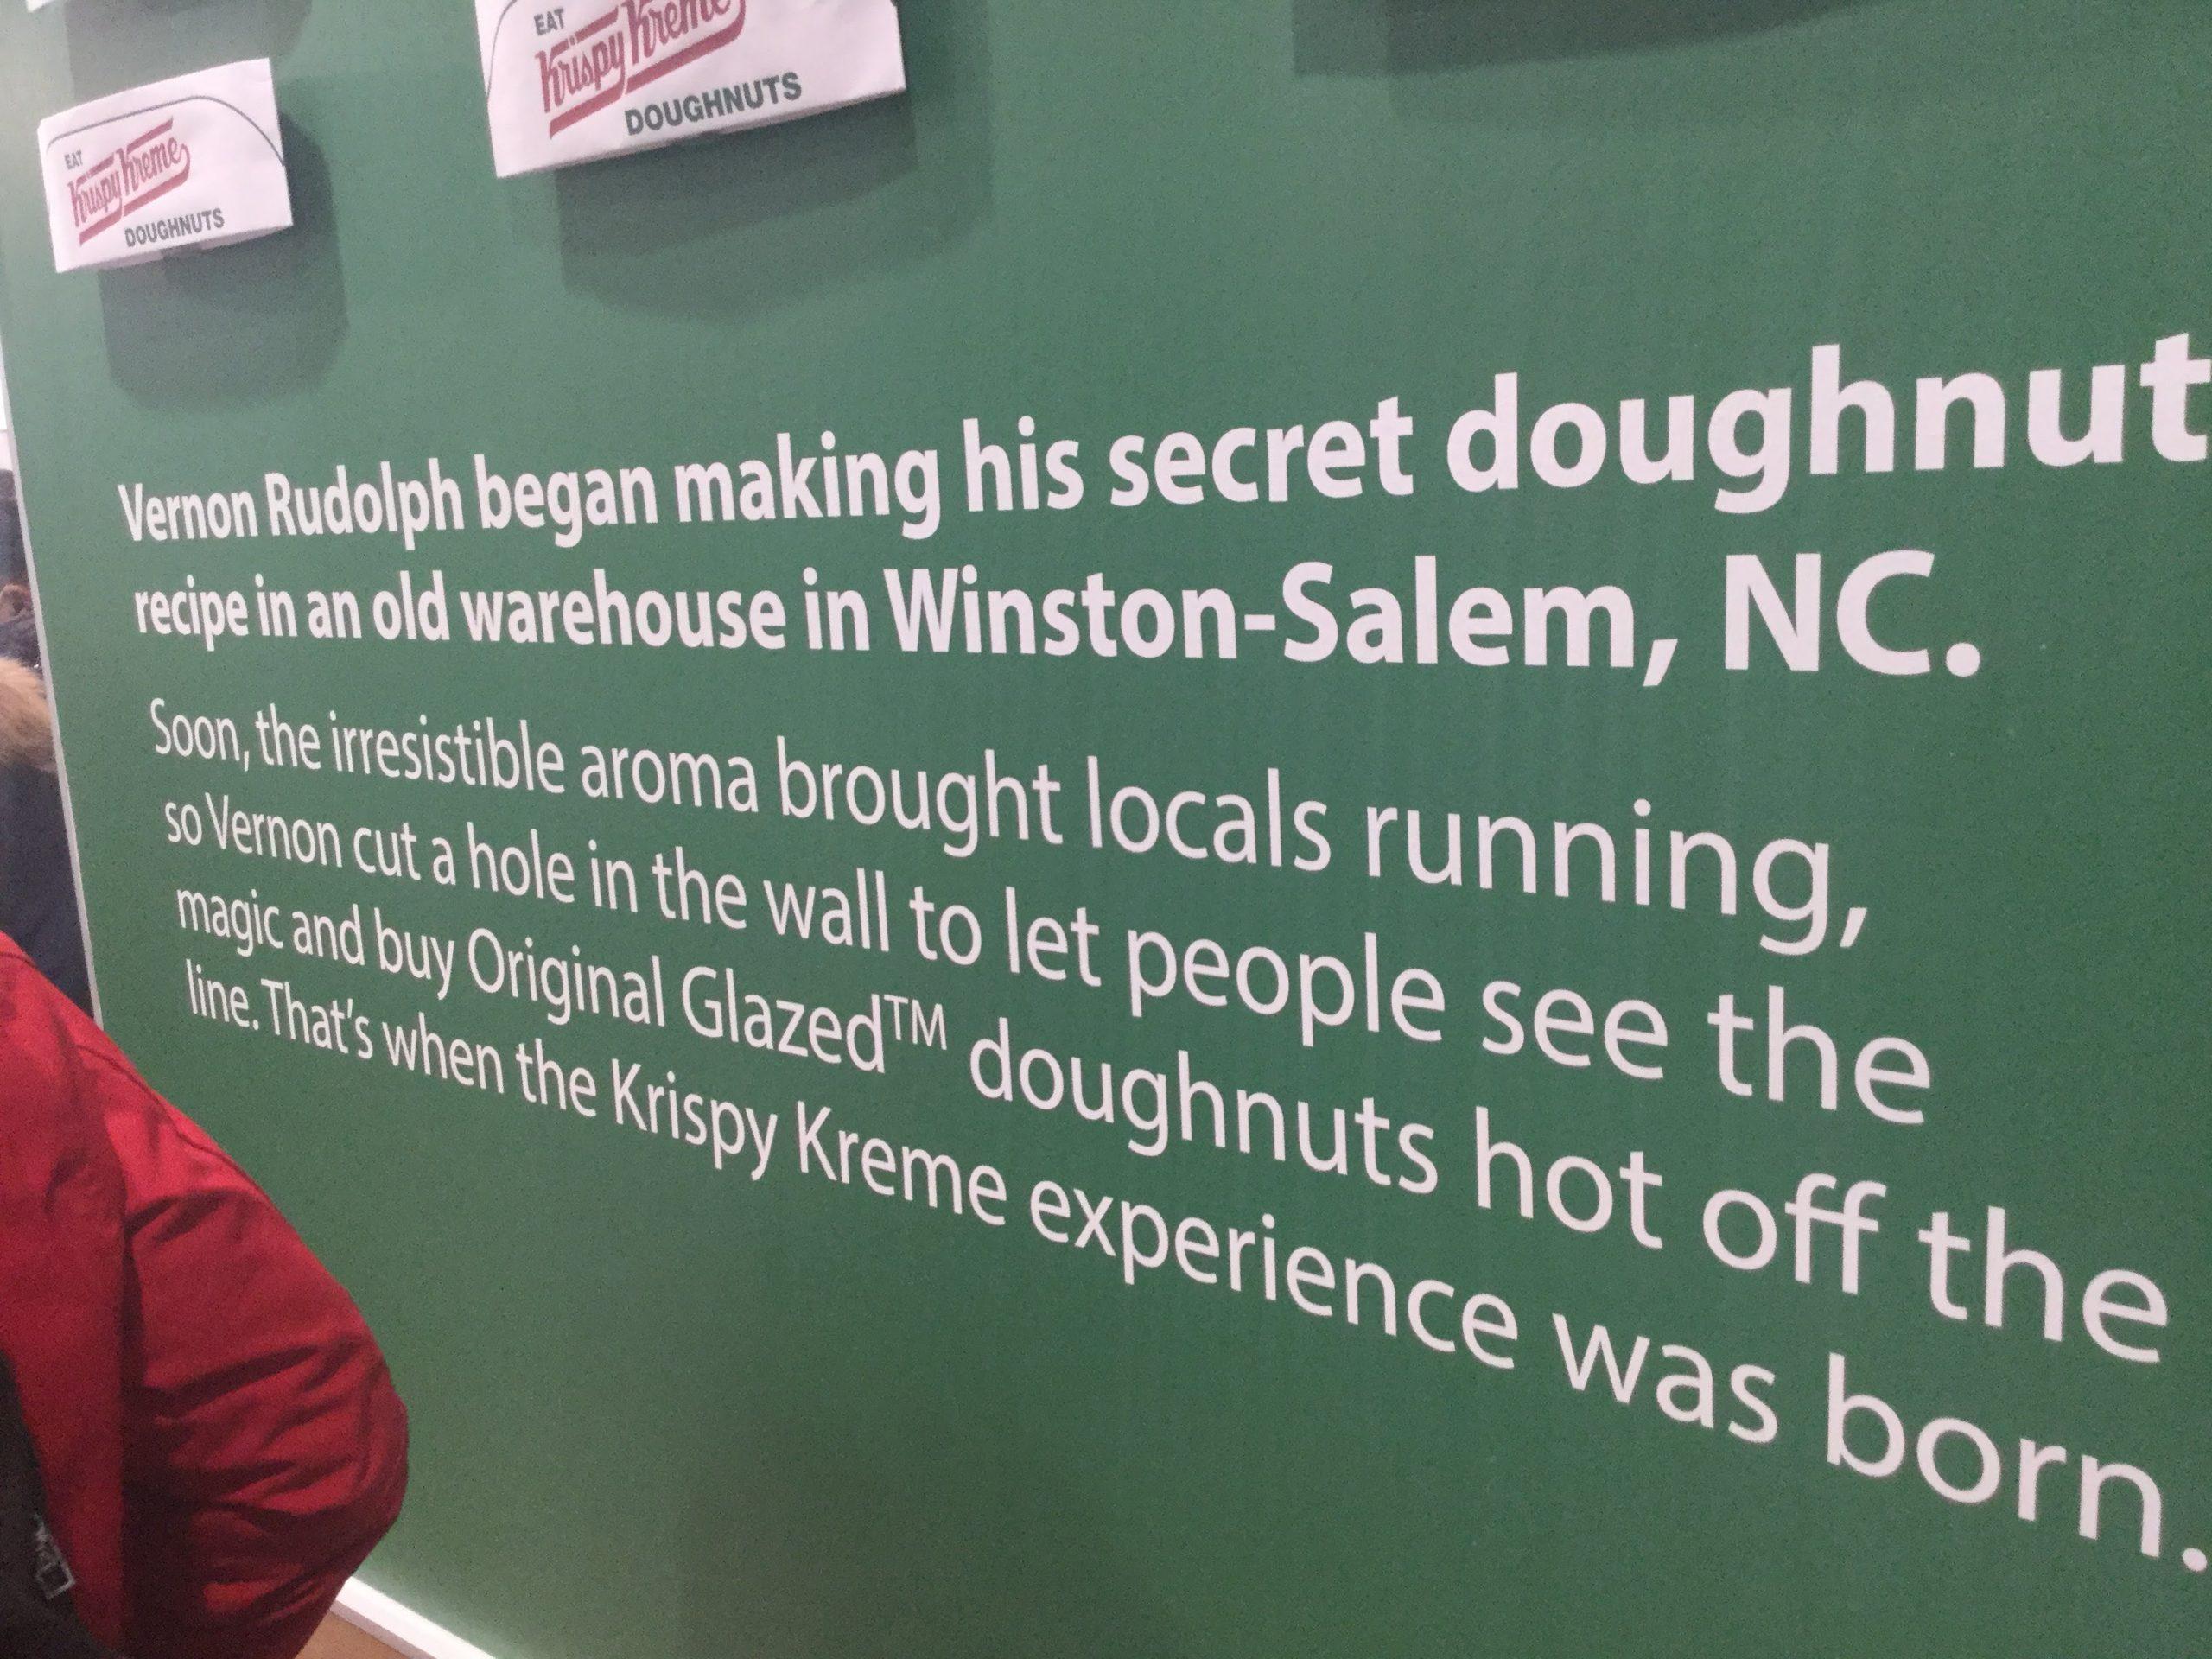 Krispy Kreme story